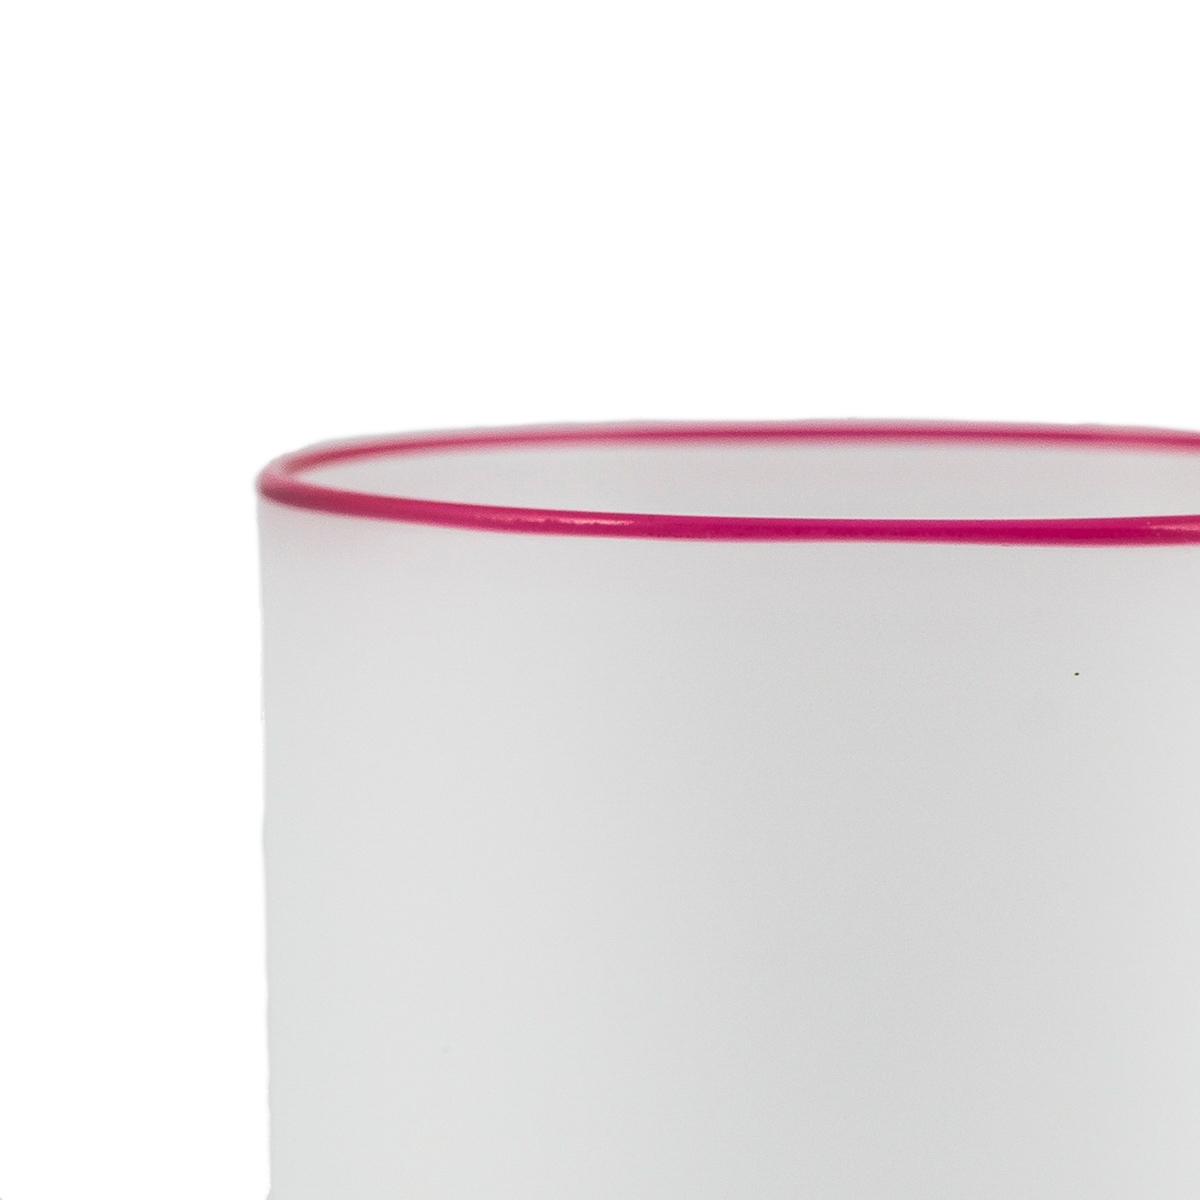 frost-ruby-rim-glass-acidato-murano-handmade